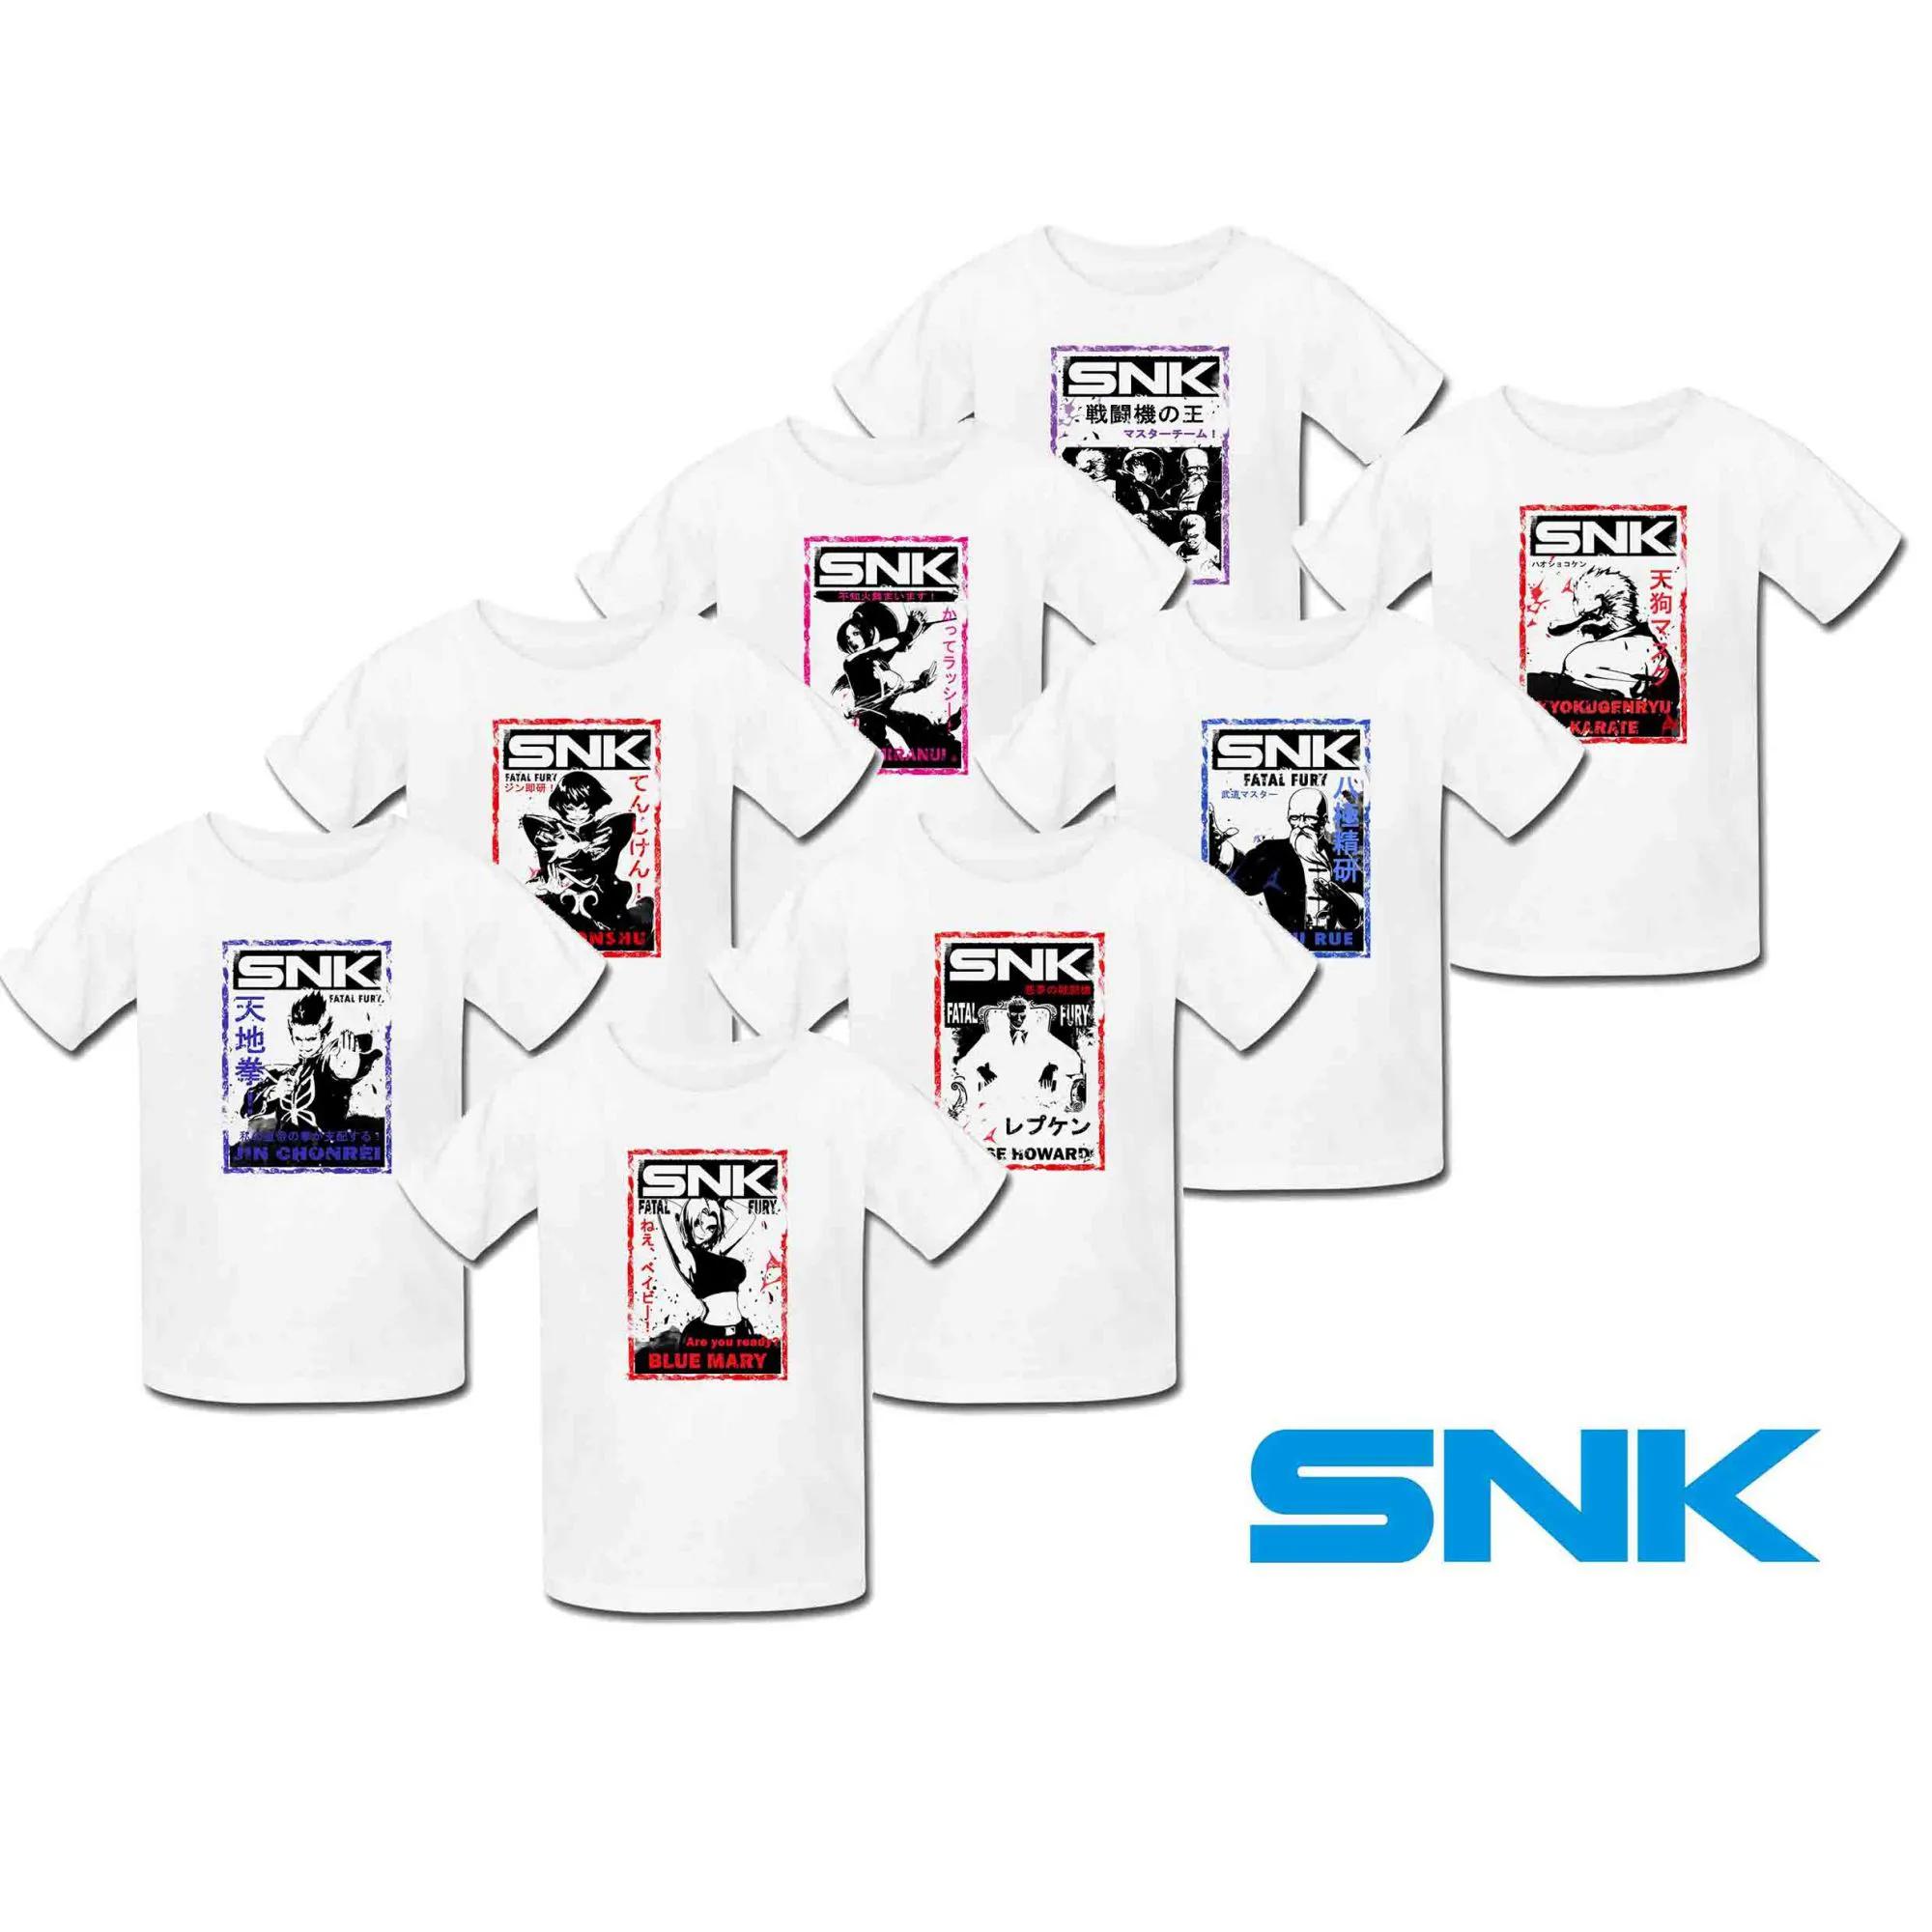 Camiseta SNK Neo Geo Poliéster